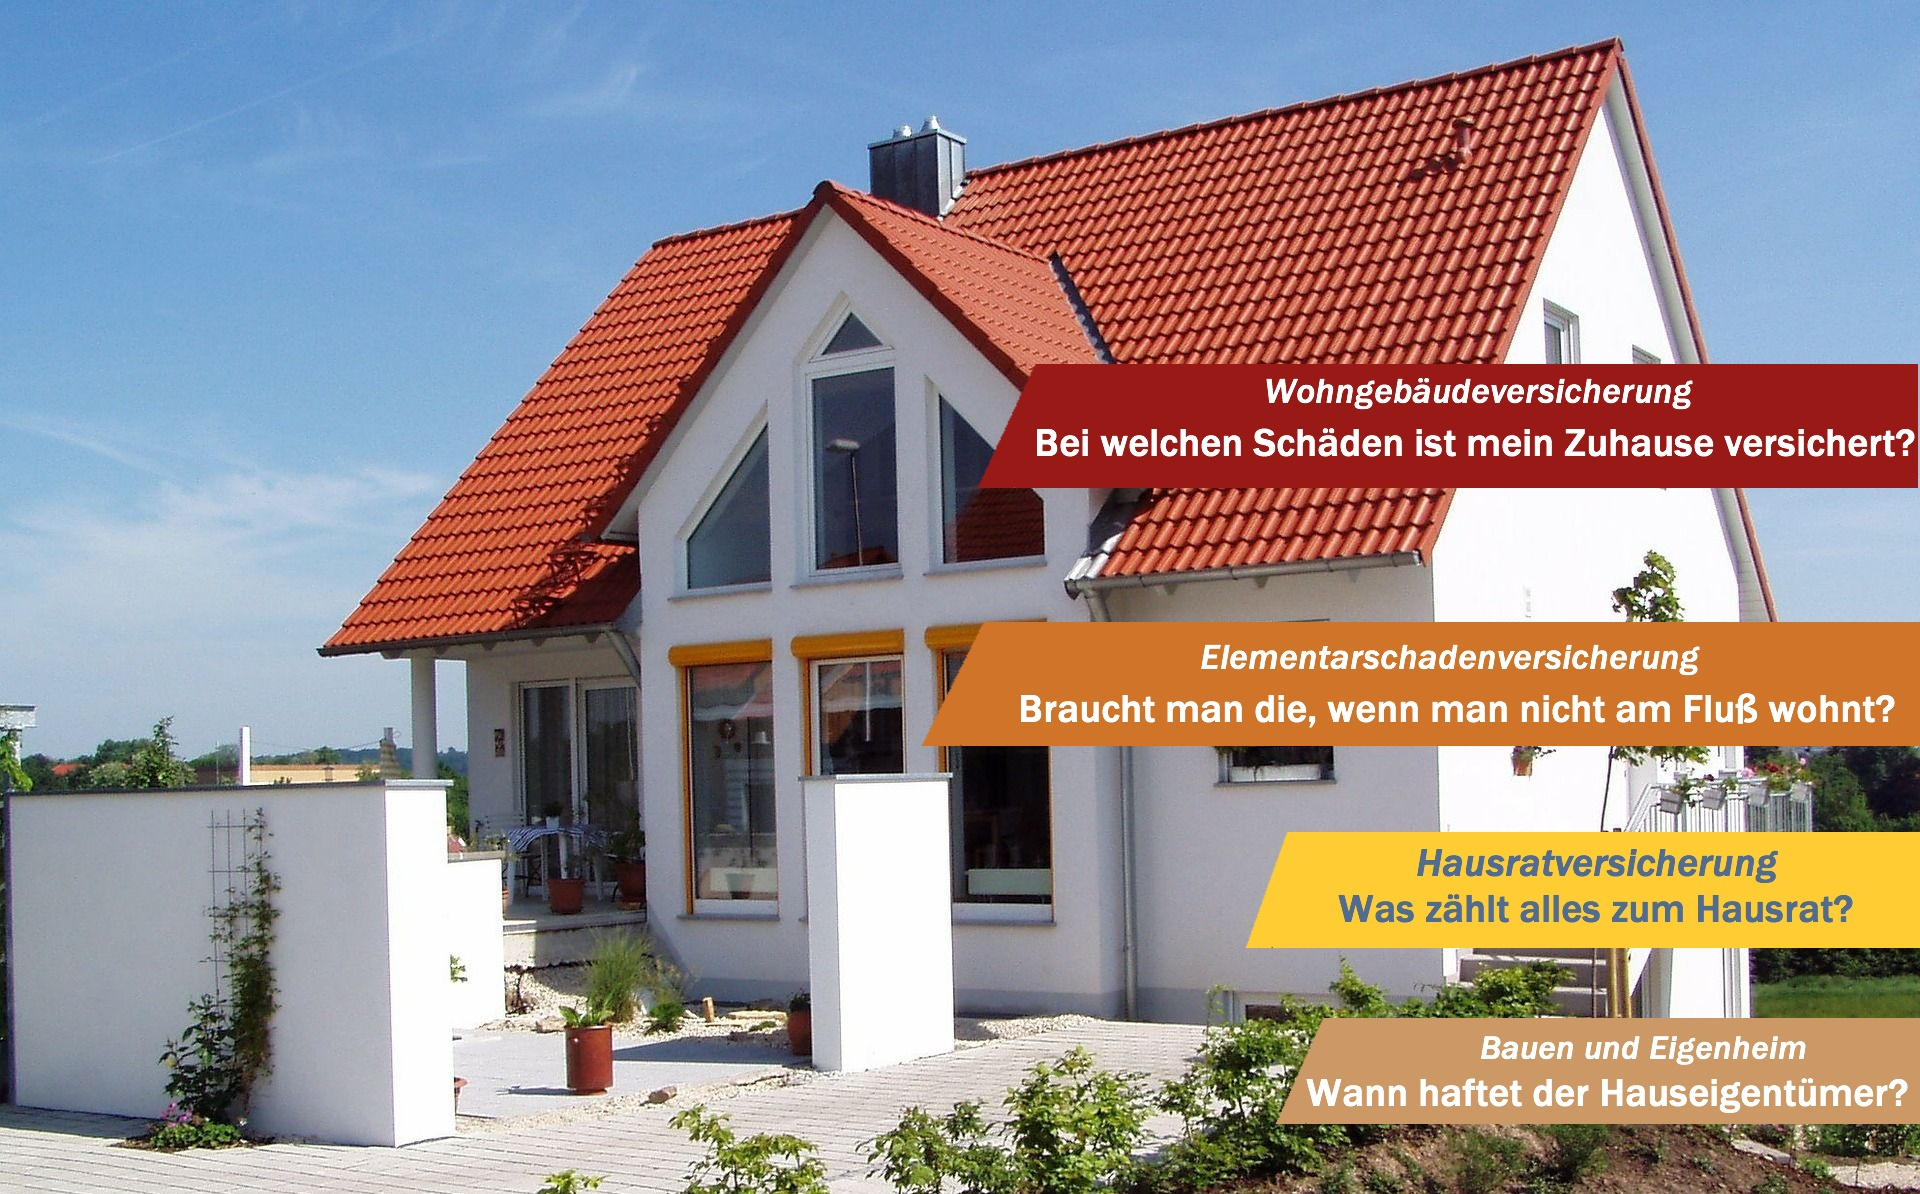 Versicherungen Bad Münstereifel berät Sie unabhängig und transparent, welche Versicherungen Sie benötigen